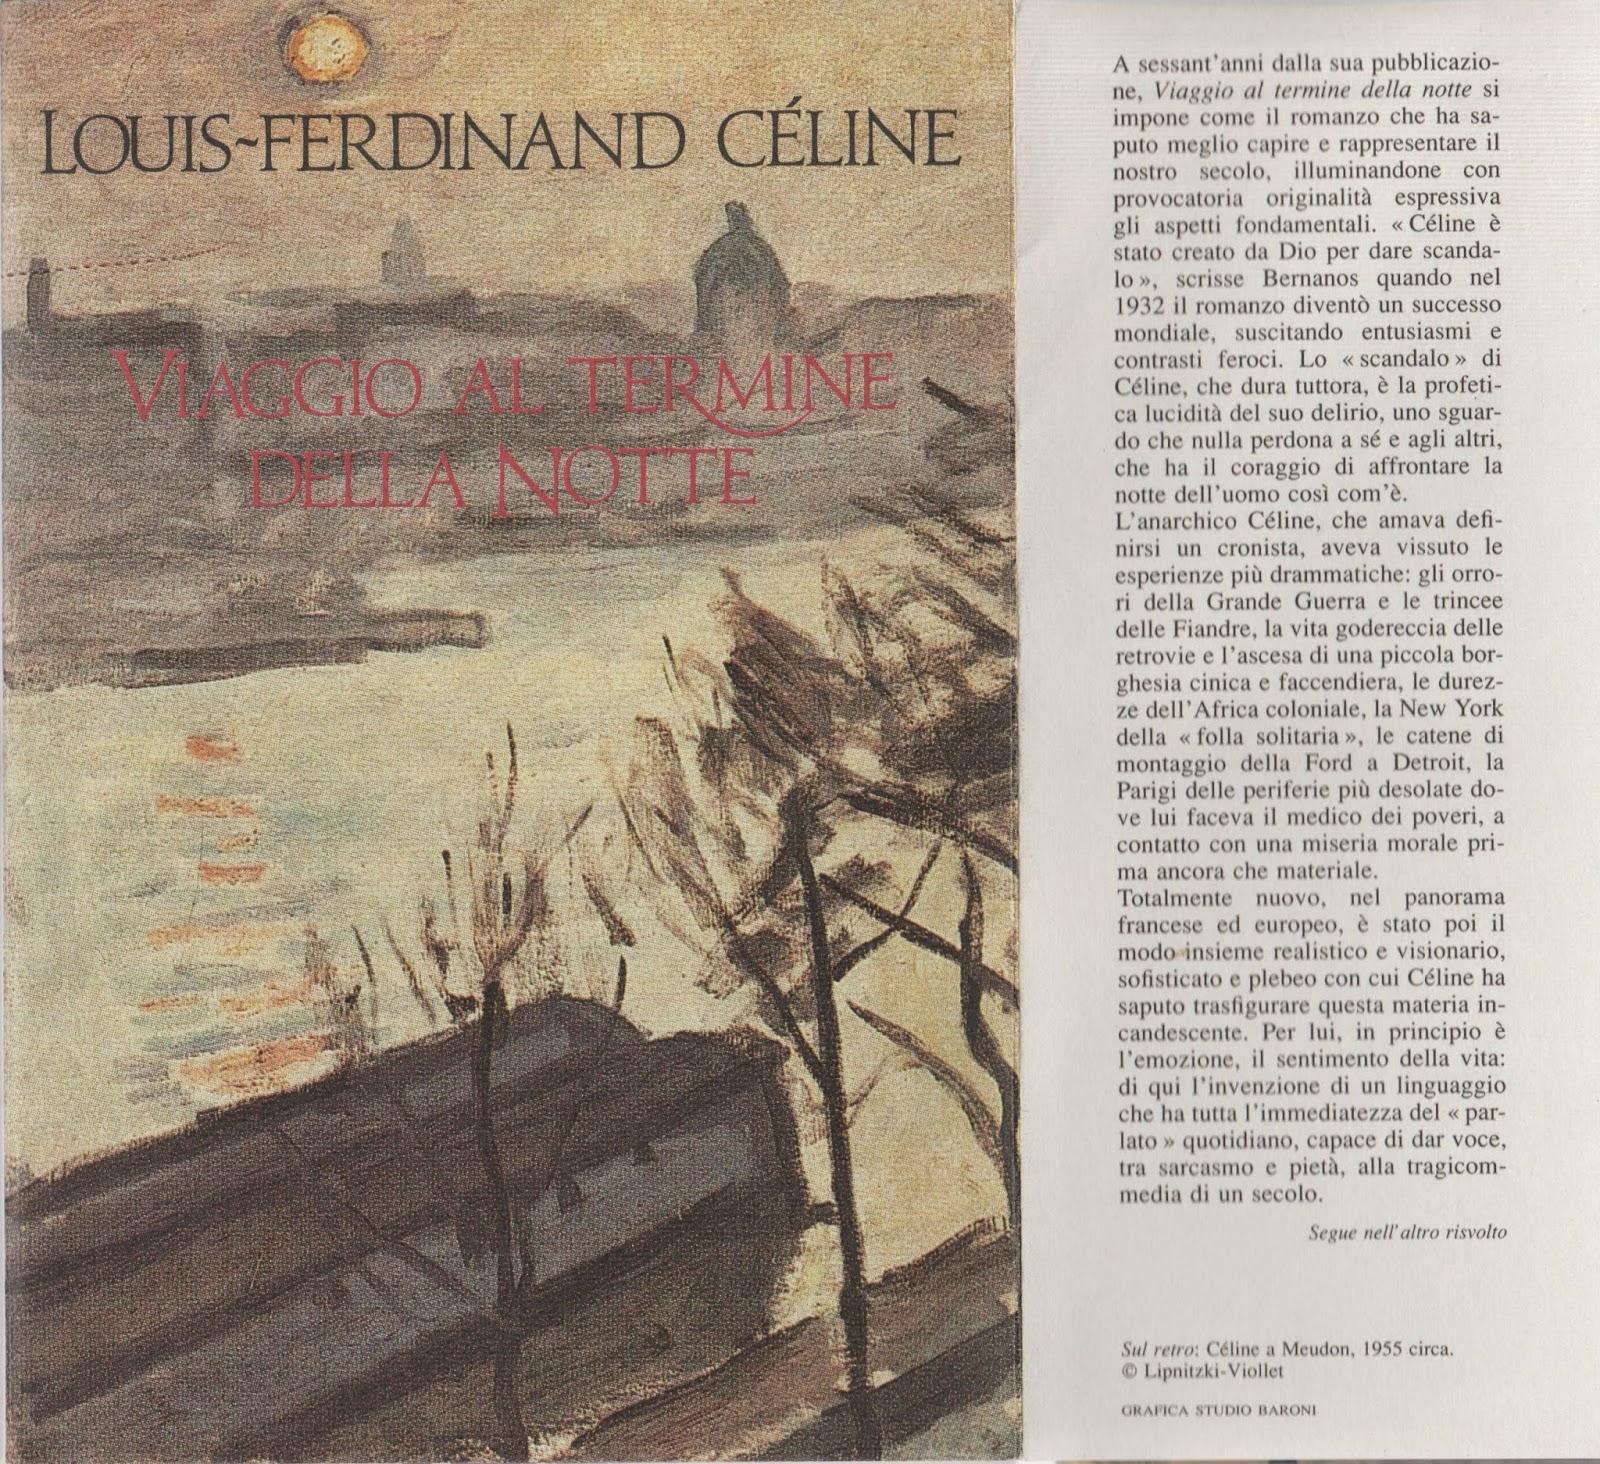 celine viaggio al termine della notte  LOUIS-FERDINAND CÉLINE – VIAGGIO AL TERMINE DELLA NOTTE (1992)